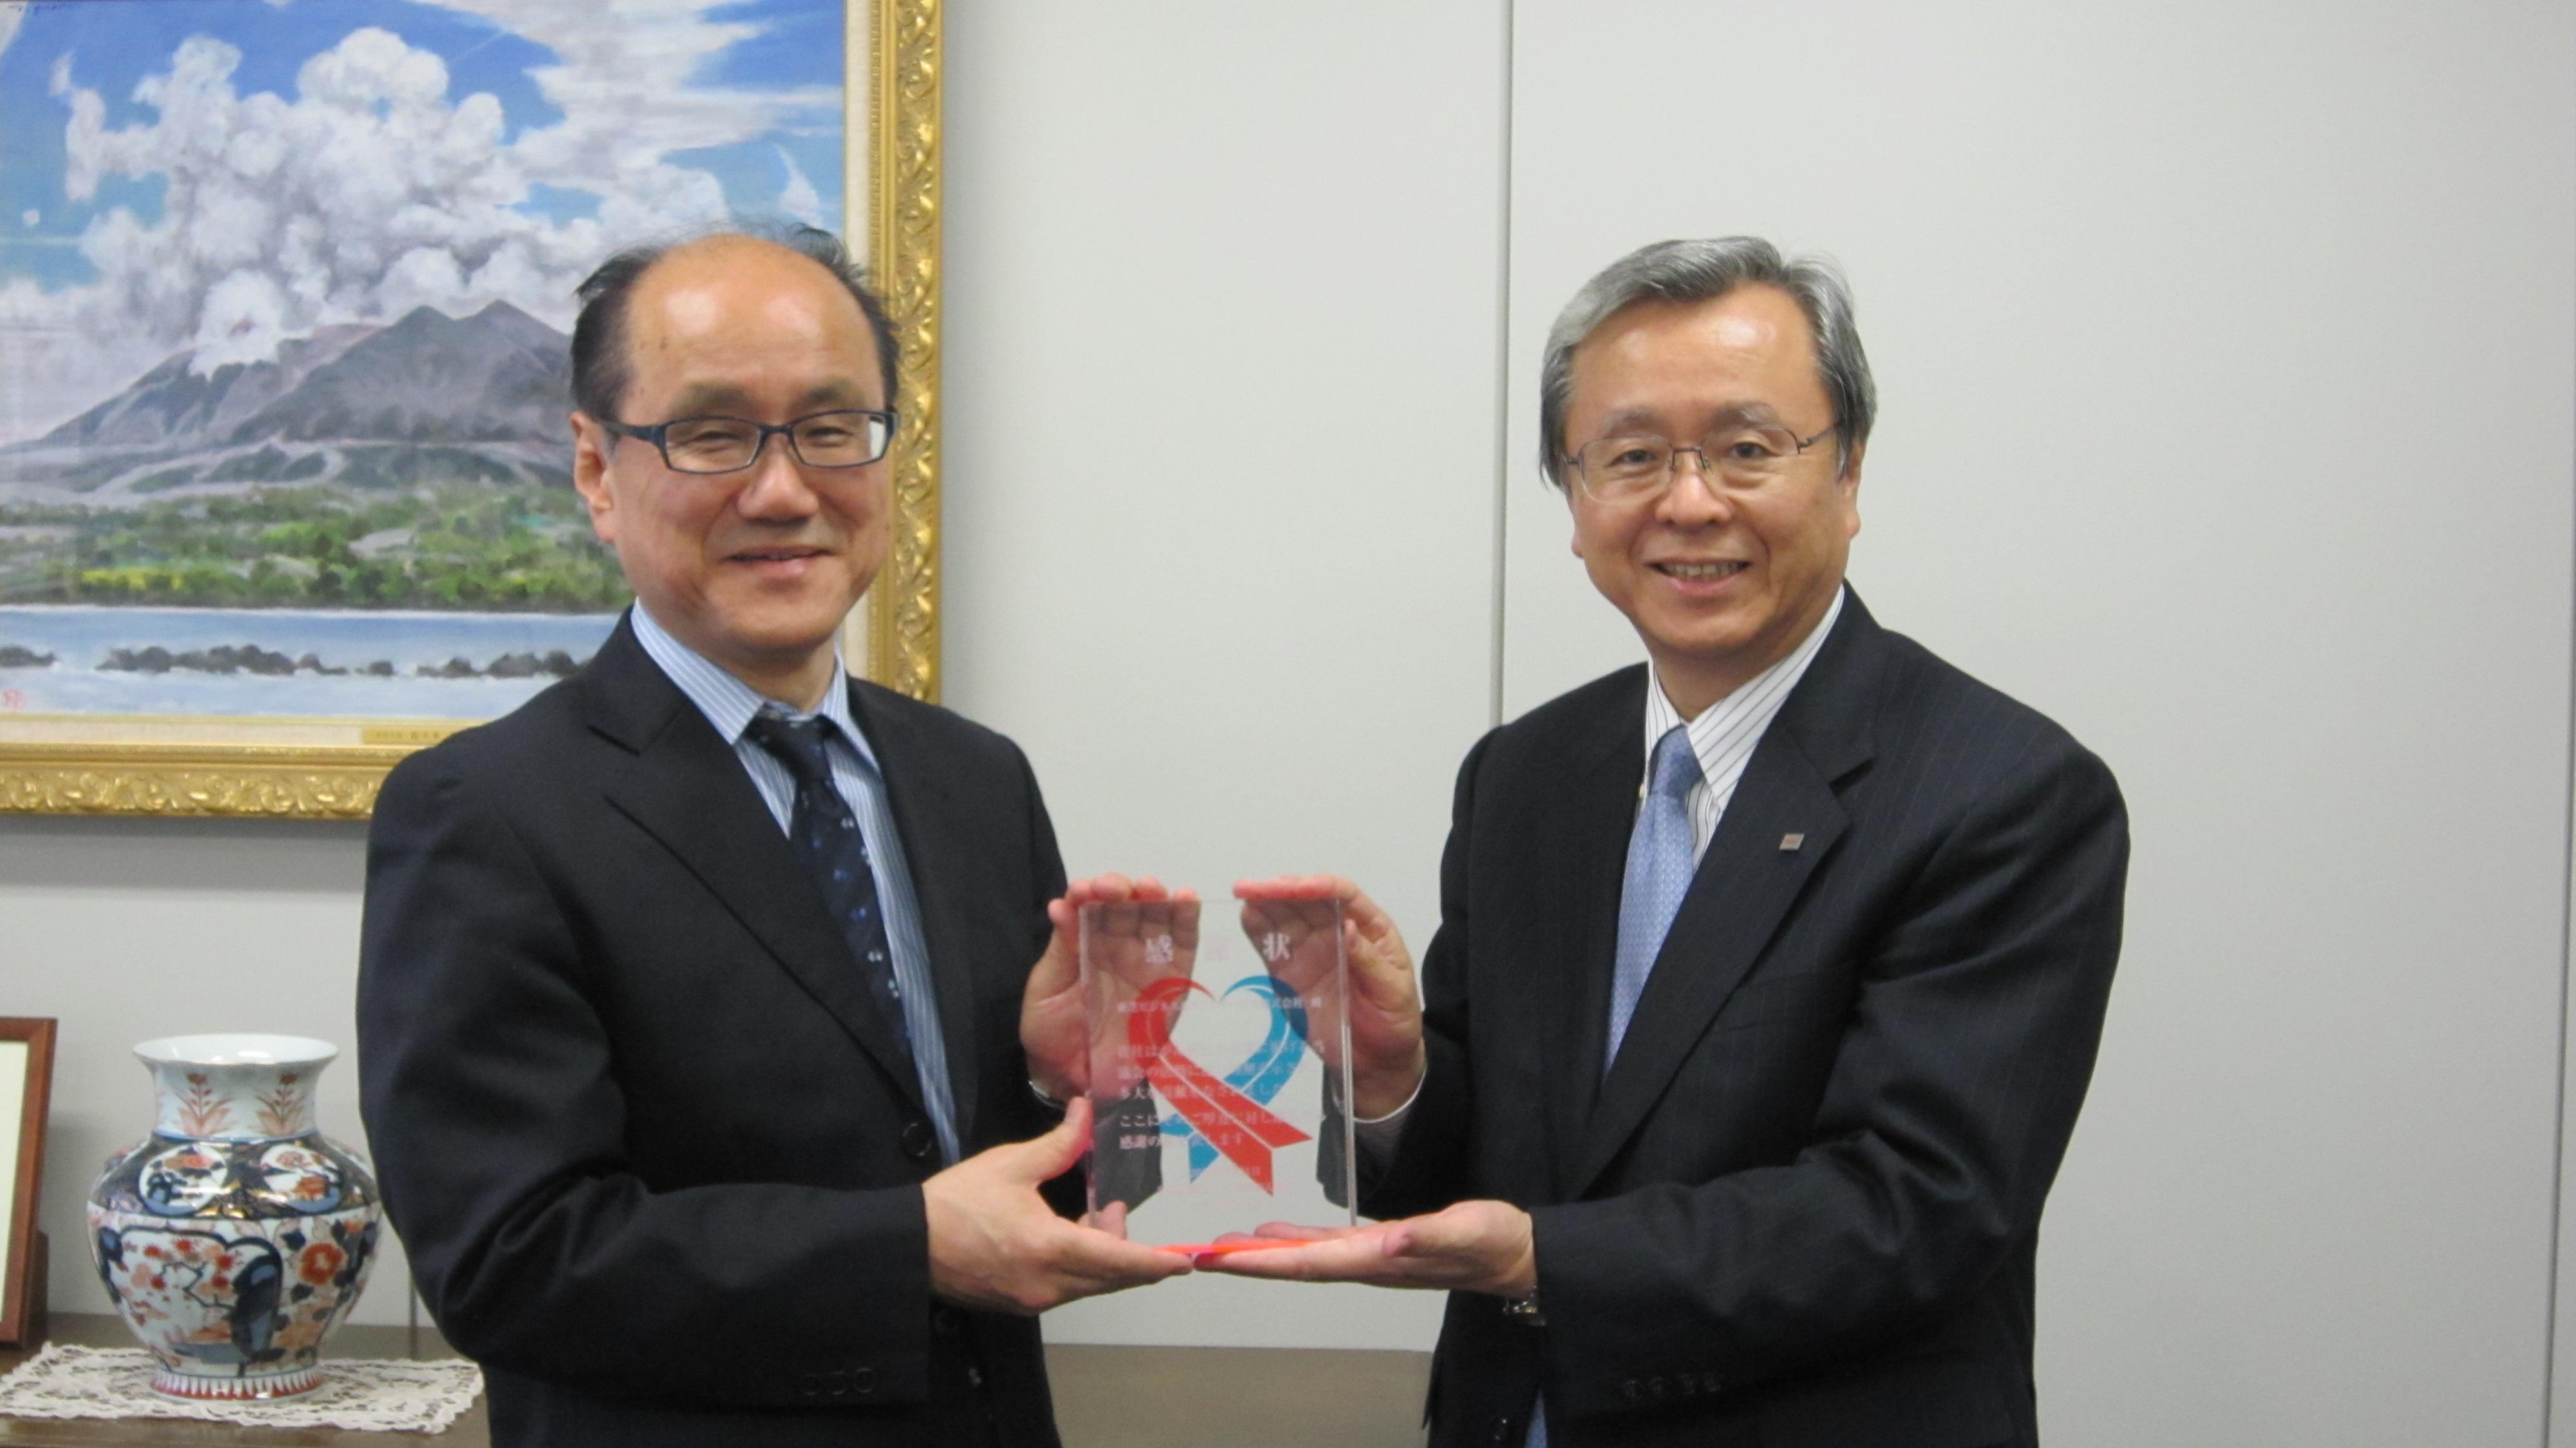 東芝ビジネスアンドライフサービス・佐藤 博取締役社長と日本対が協会・塩見知司事務局長